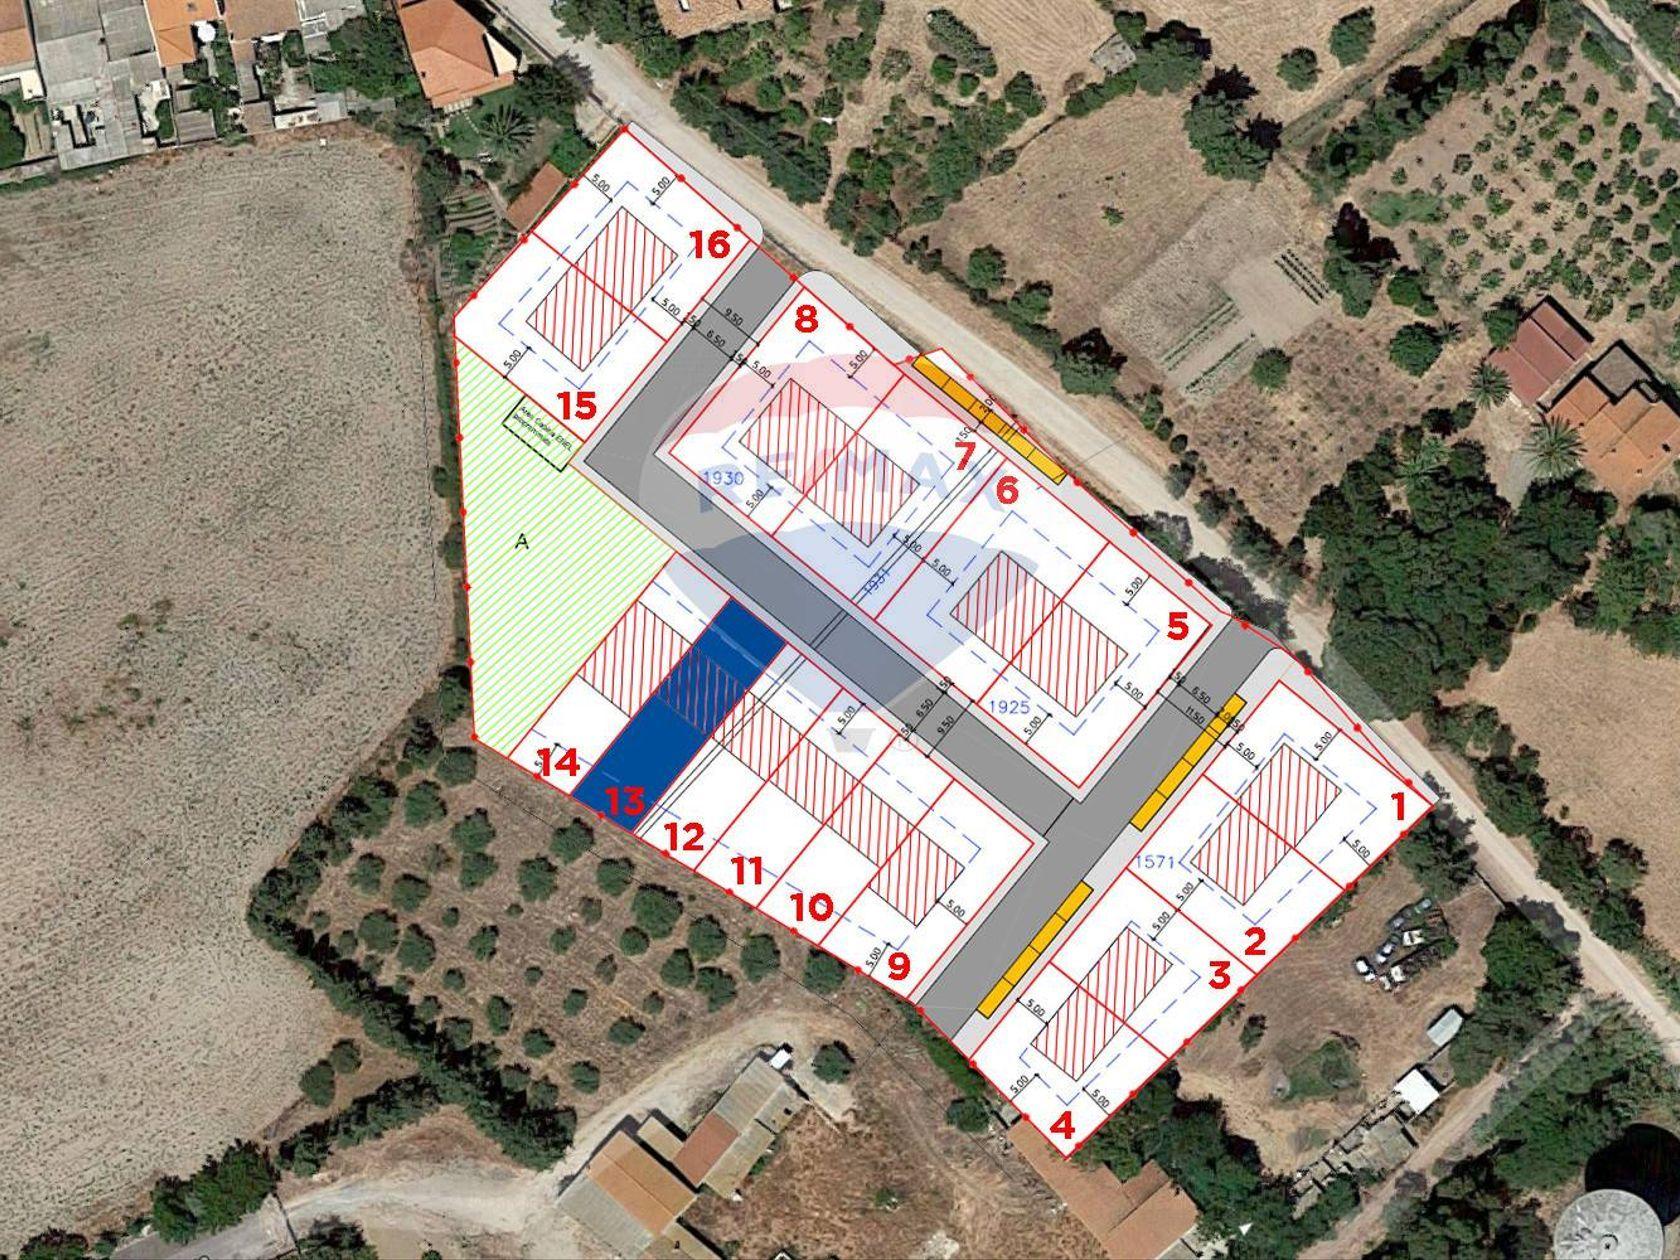 Terreno Edificabile Donigala Fenughedu, Oristano, OR Vendita